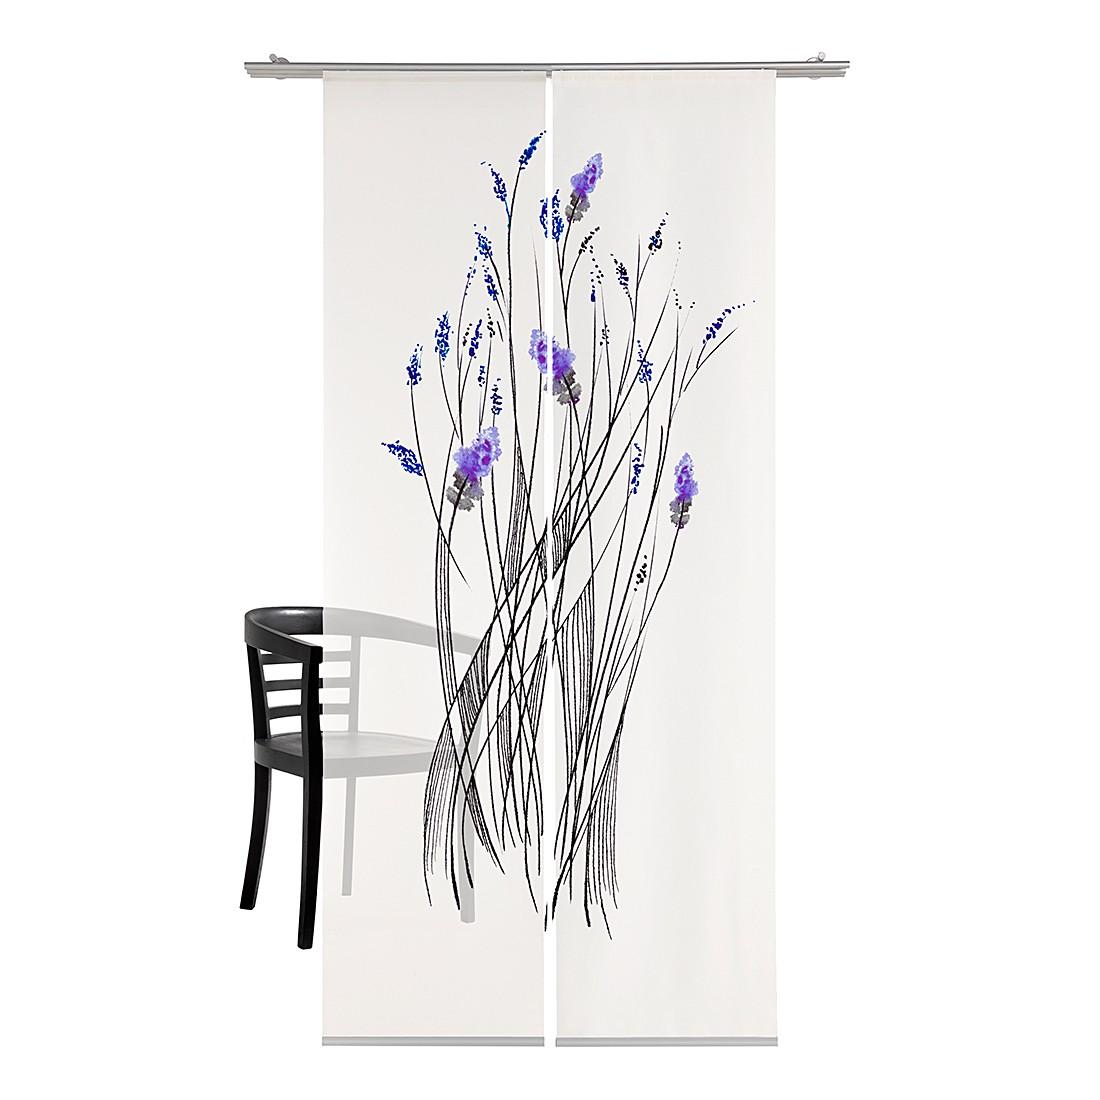 Flächenvorhang Little Inkflower – Blau, emotion textiles günstig kaufen